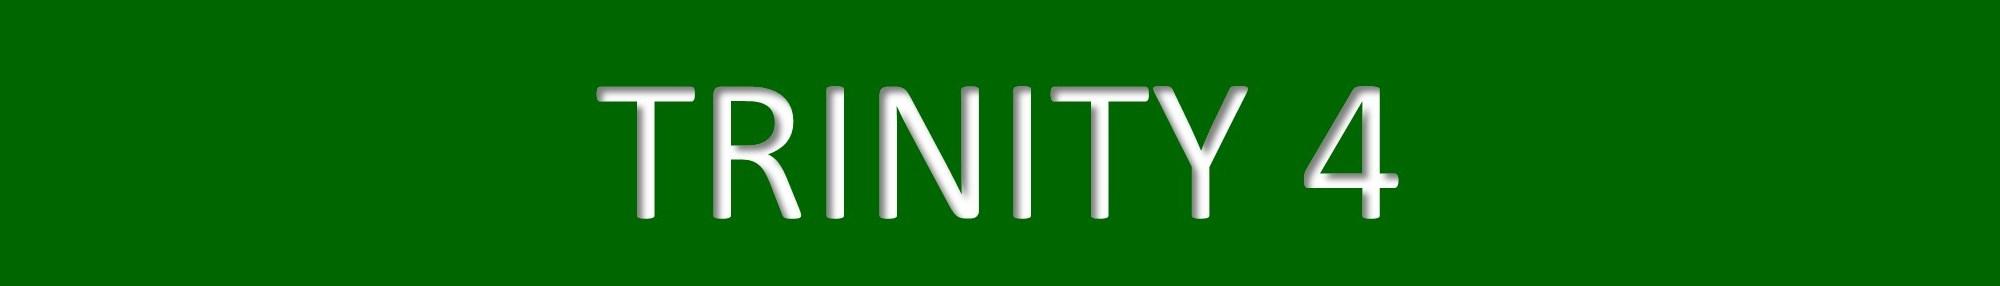 Trinity 4 header